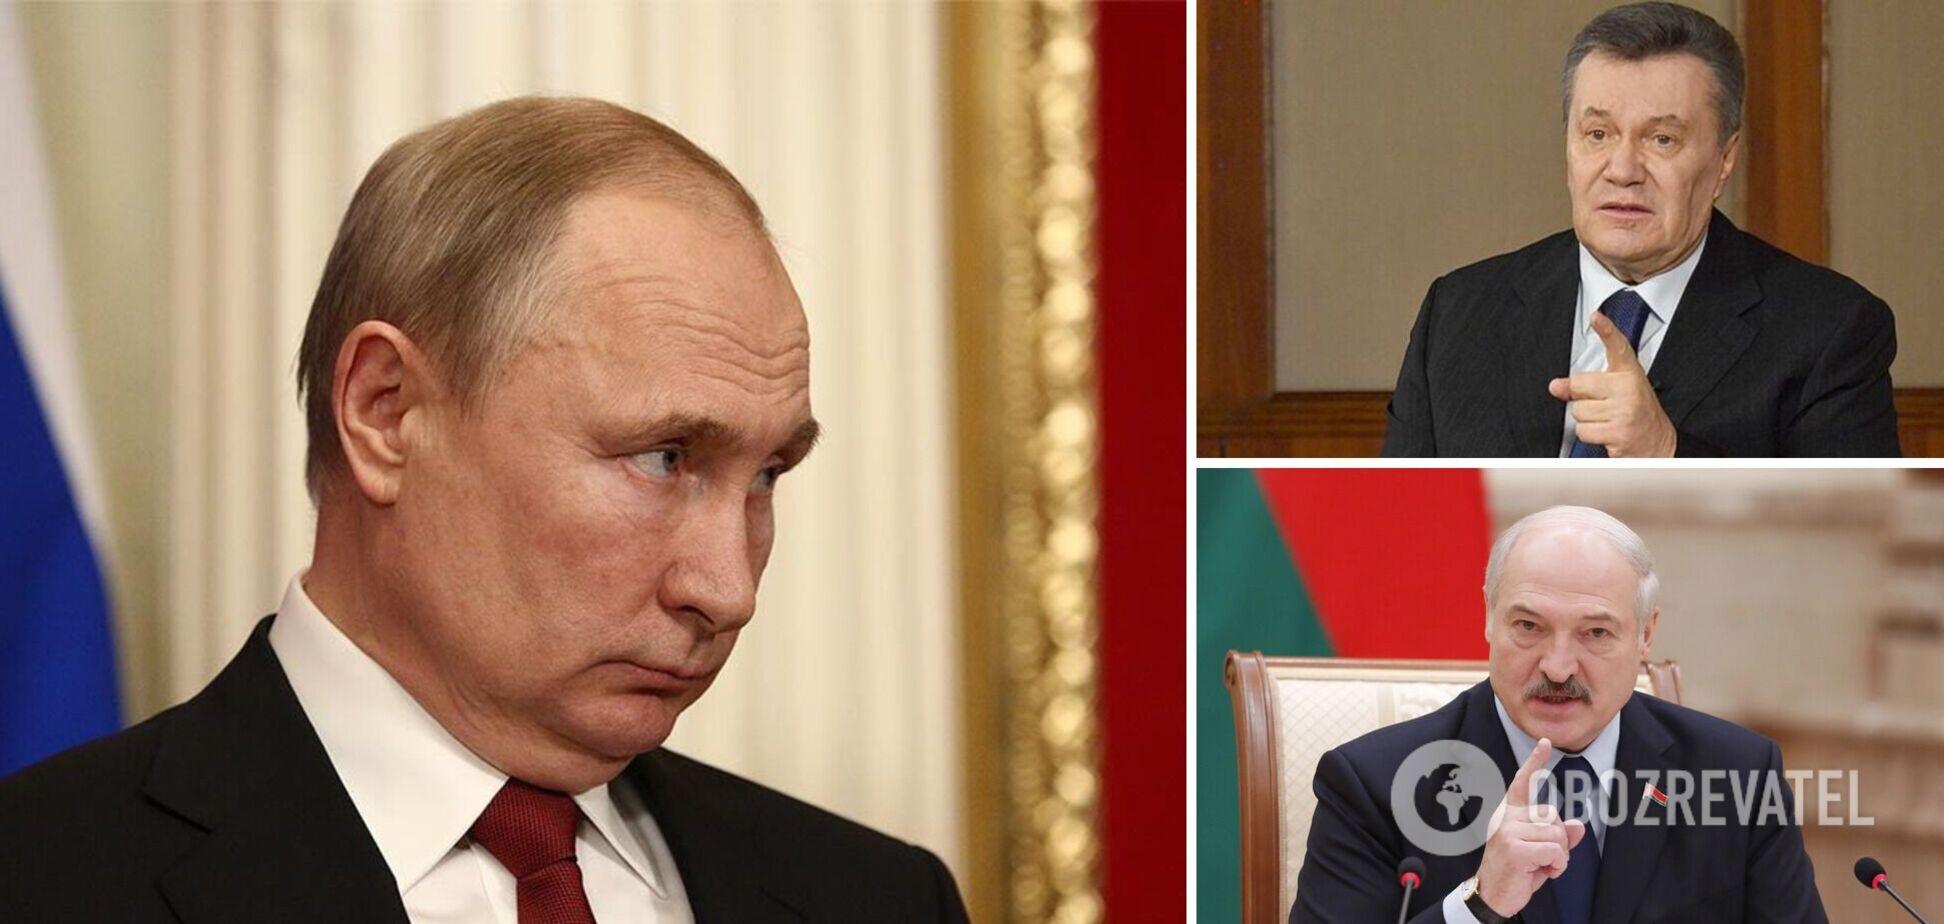 Путин: Януковича чуть не убили и отстранили от власти